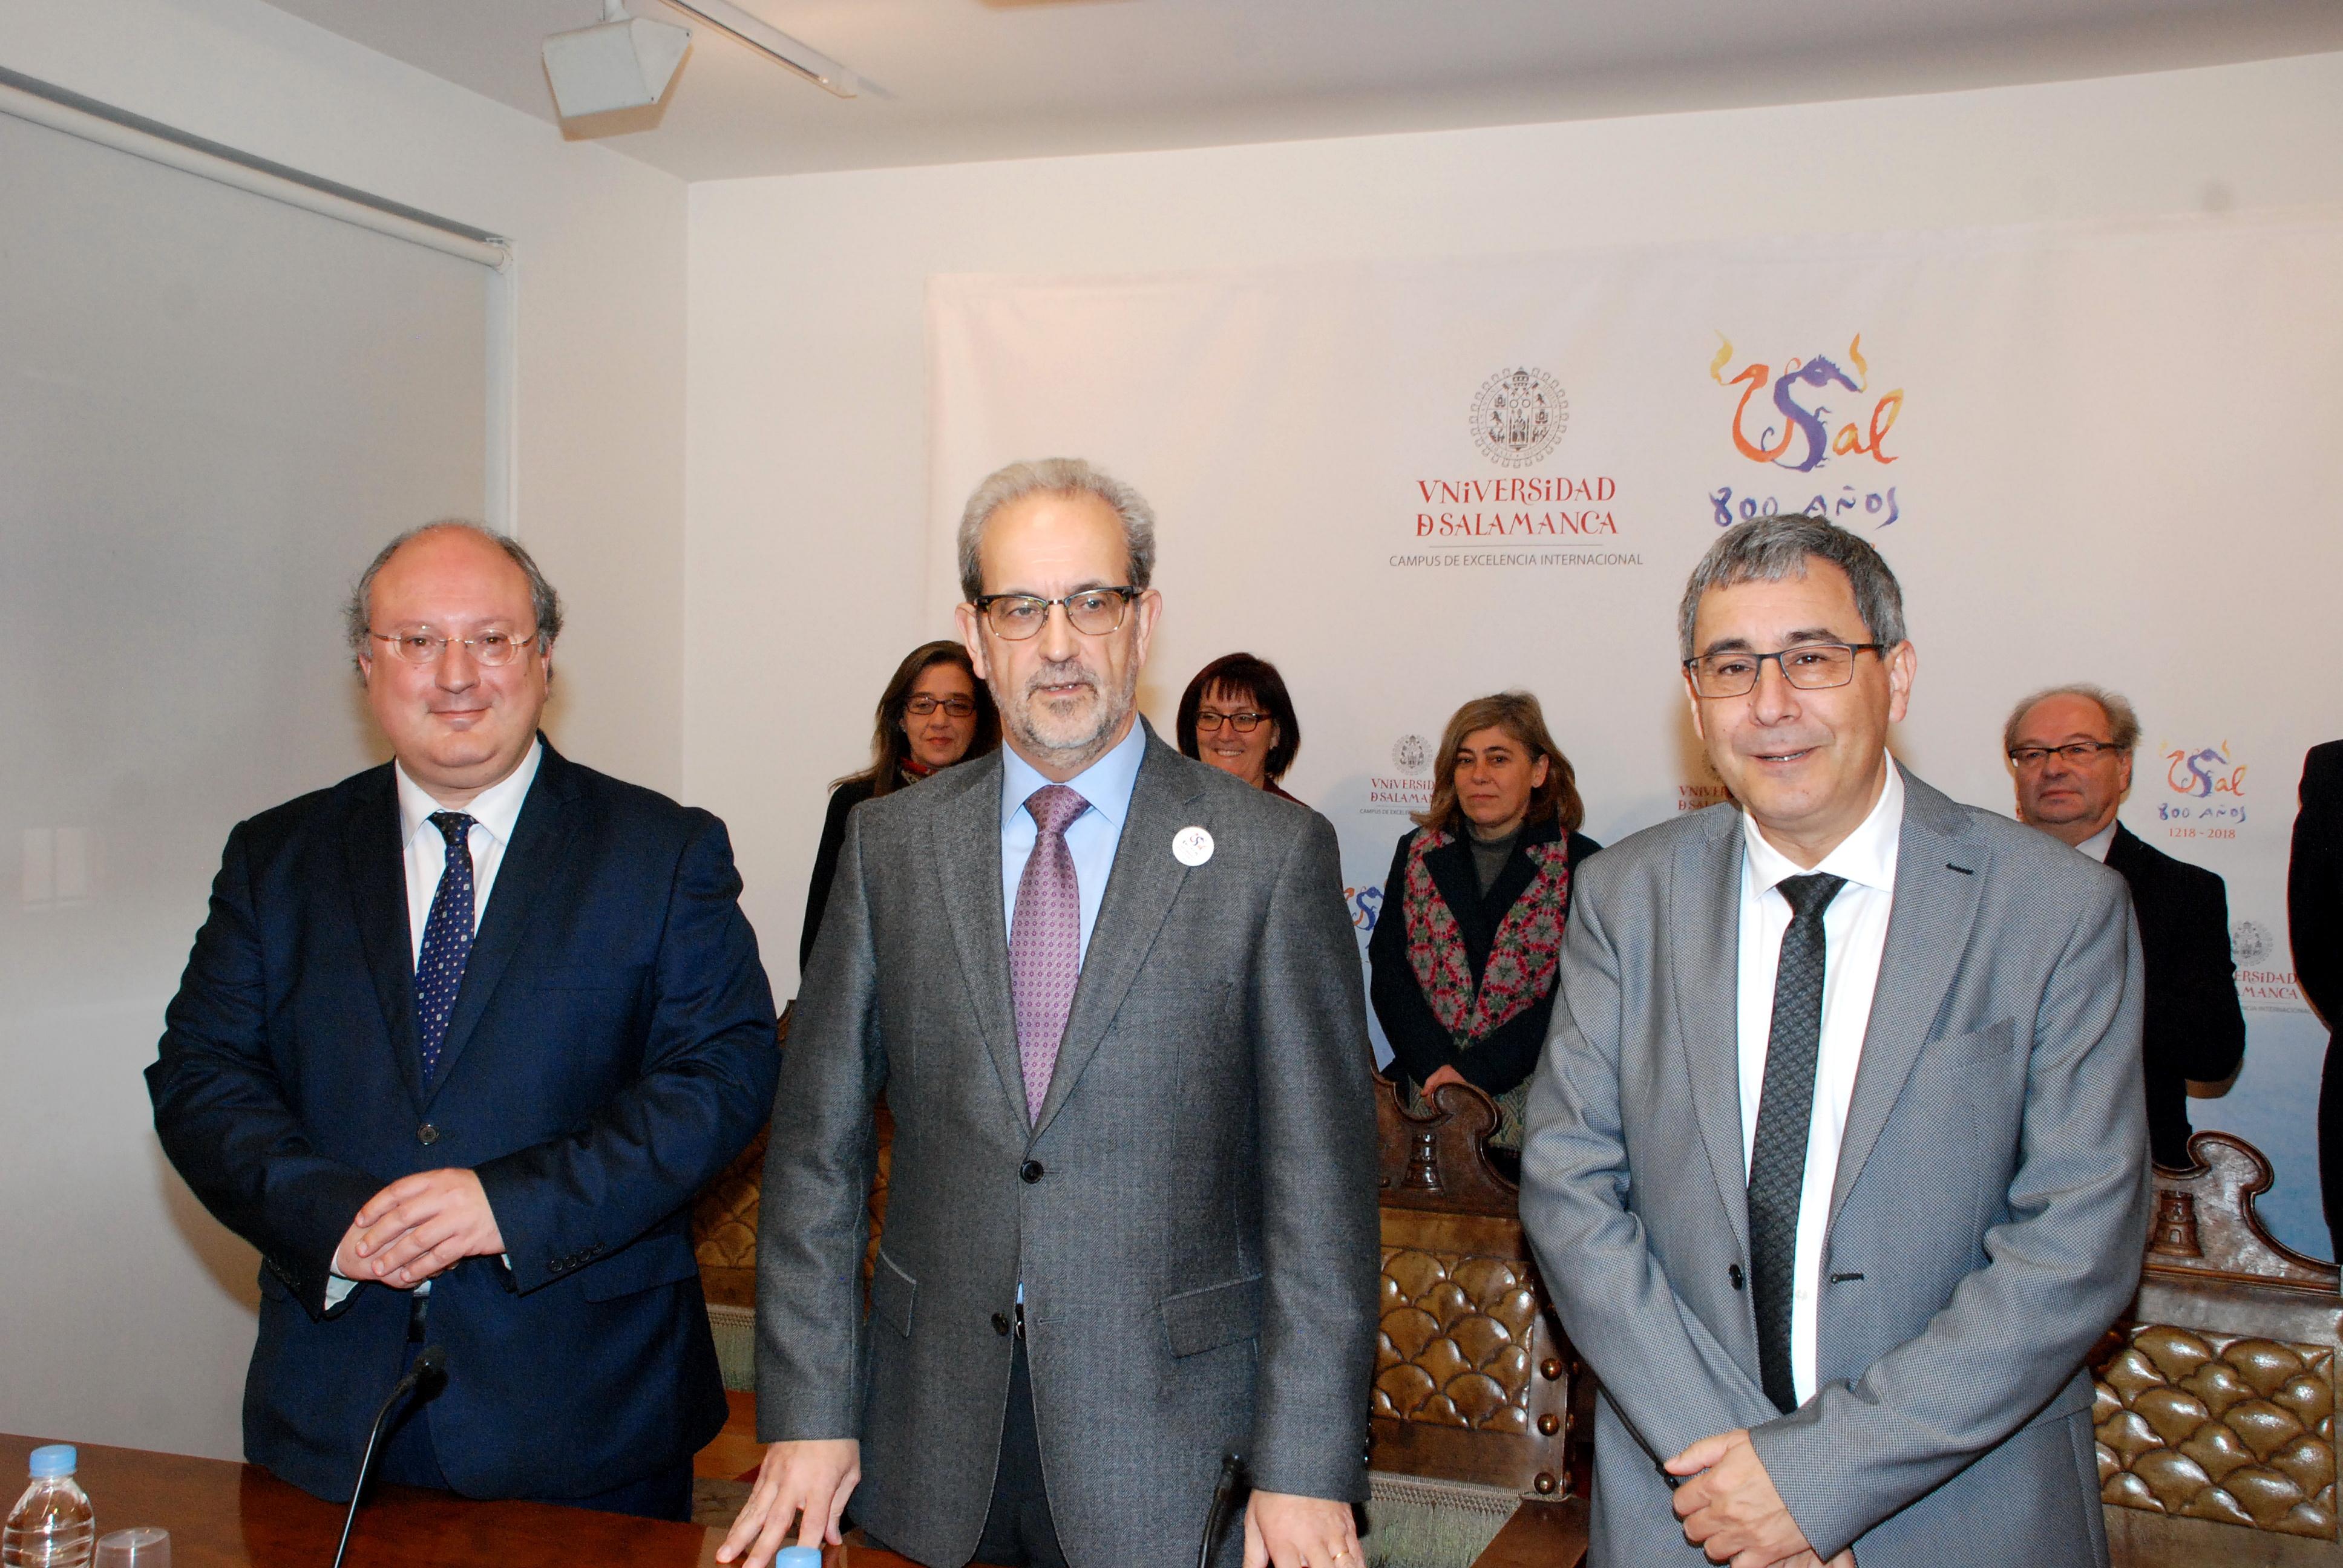 Enrique Cabero sucede a José Ángel Domínguez en el Vicerrectorado de Promoción y Coordinación